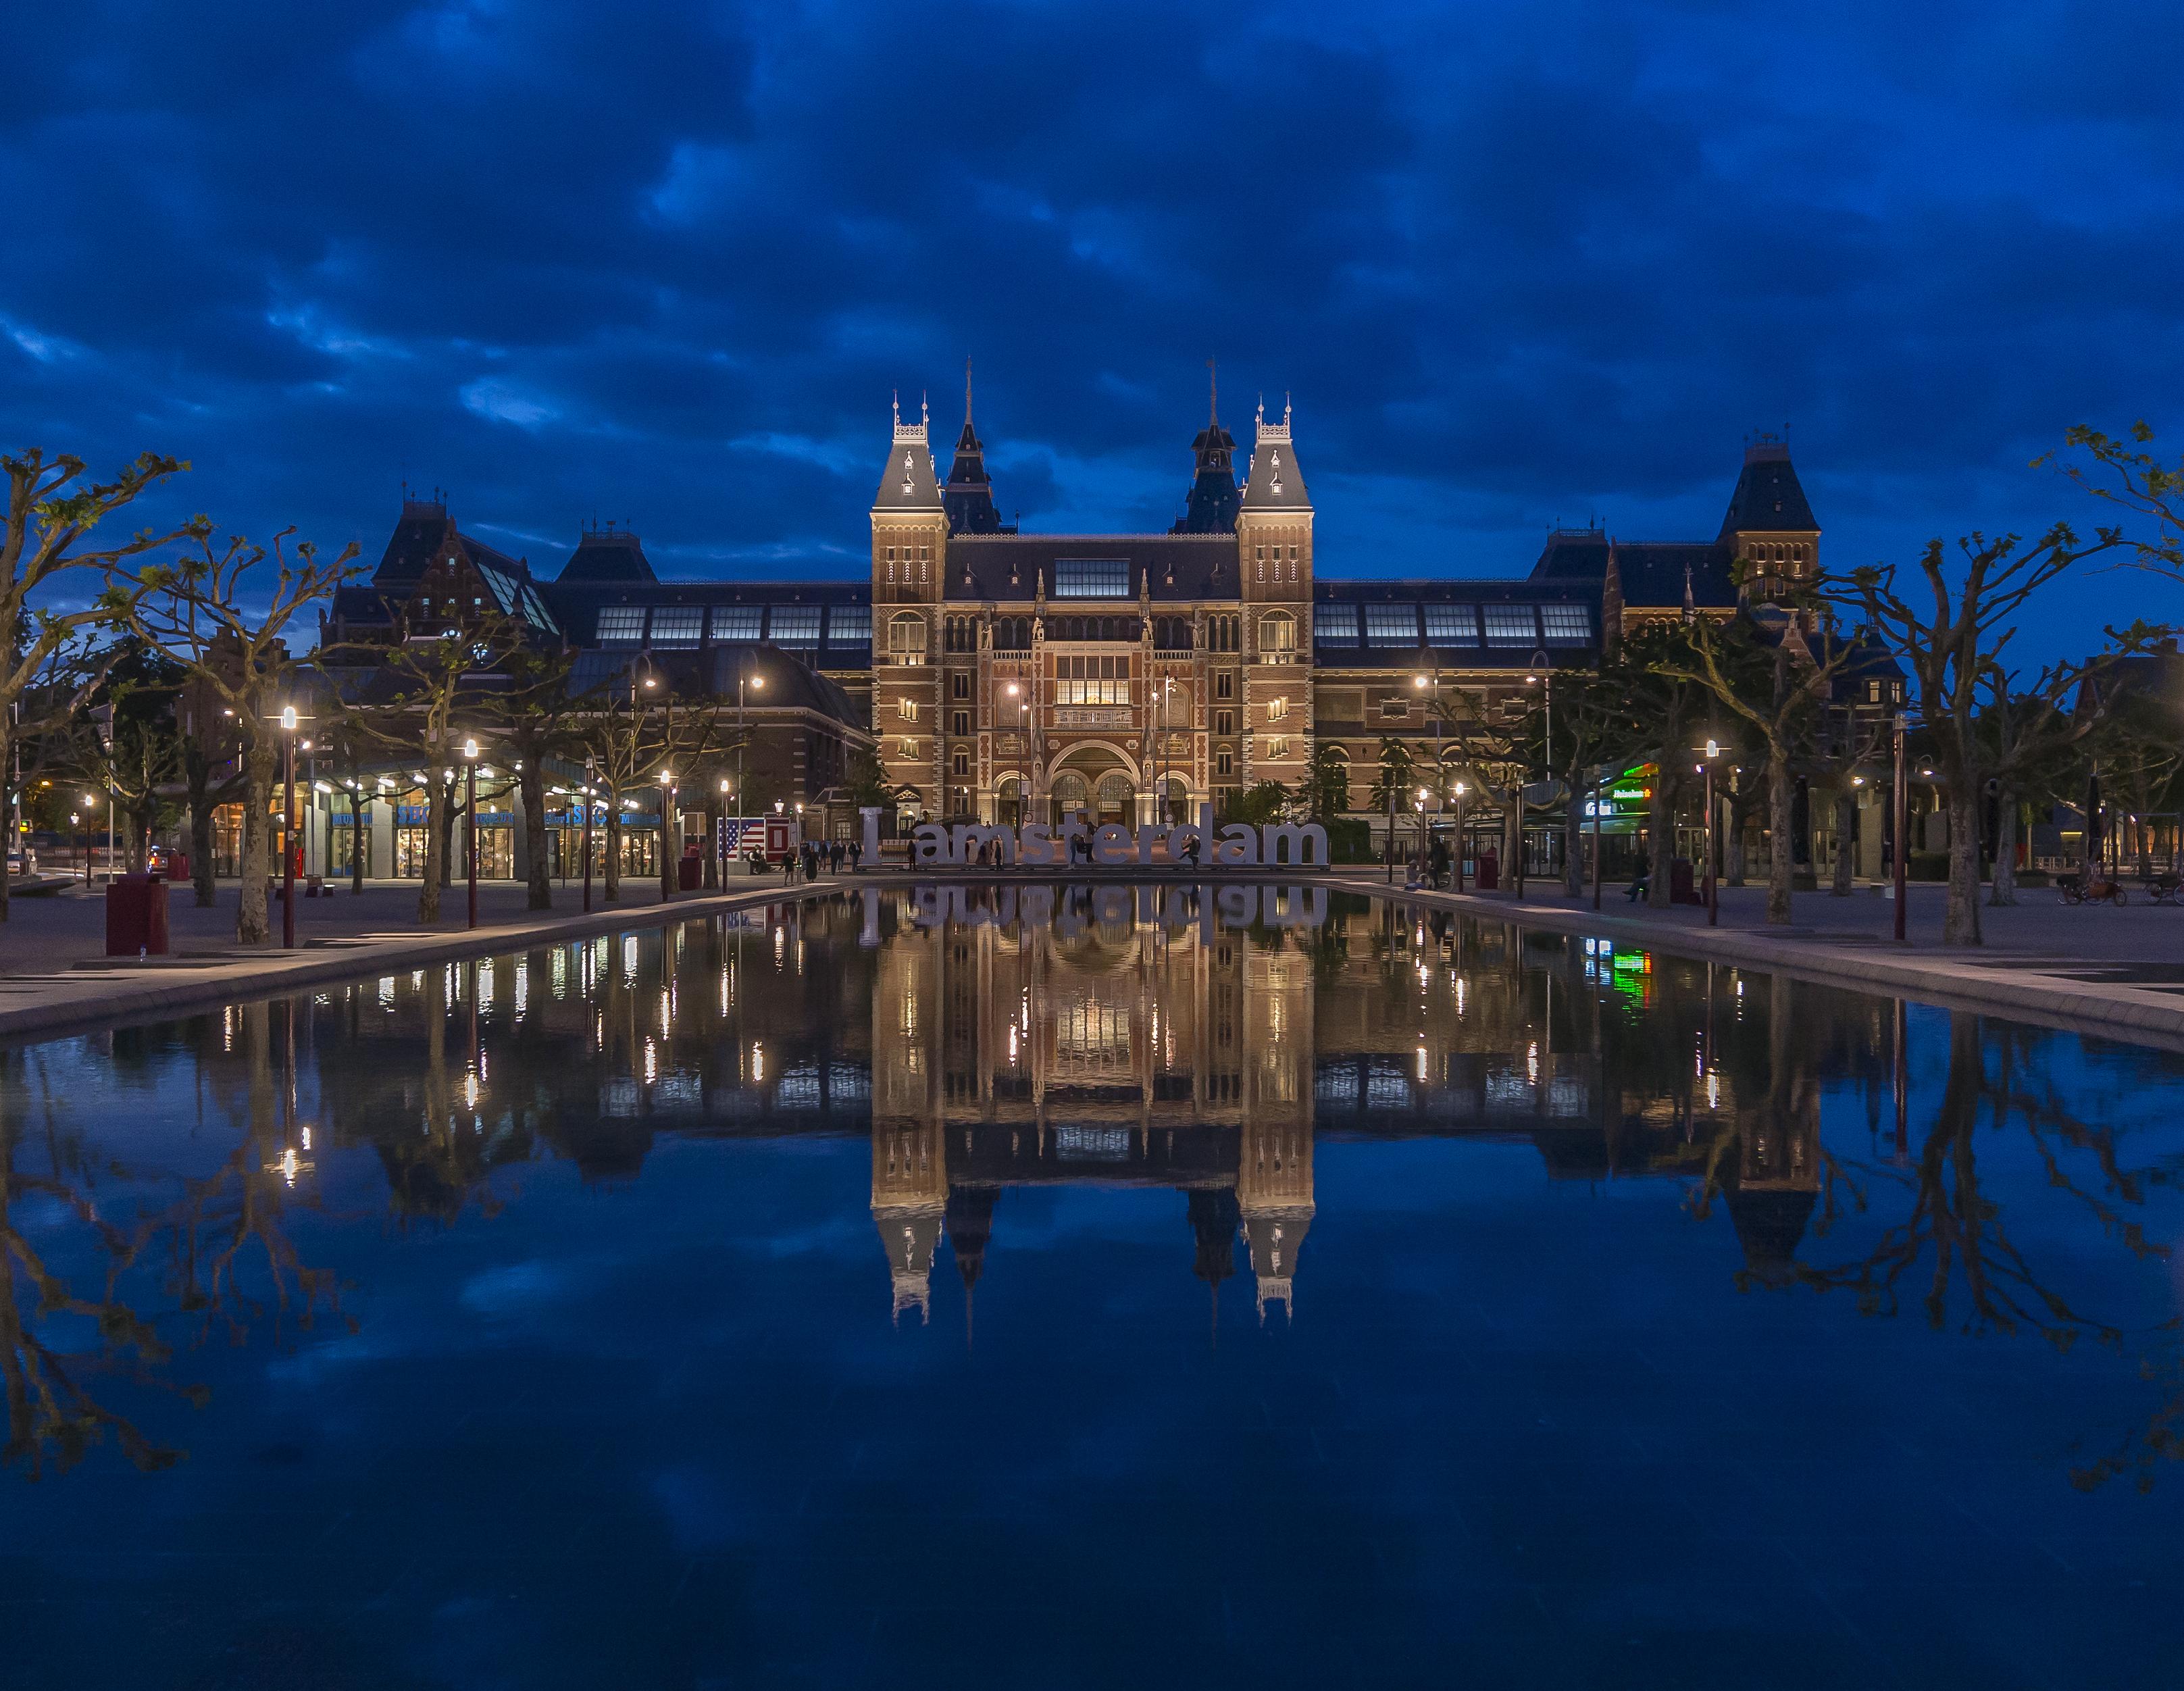 Rijksmuseum - 2014 - John Lewis Marshall - 01 (JPEG)